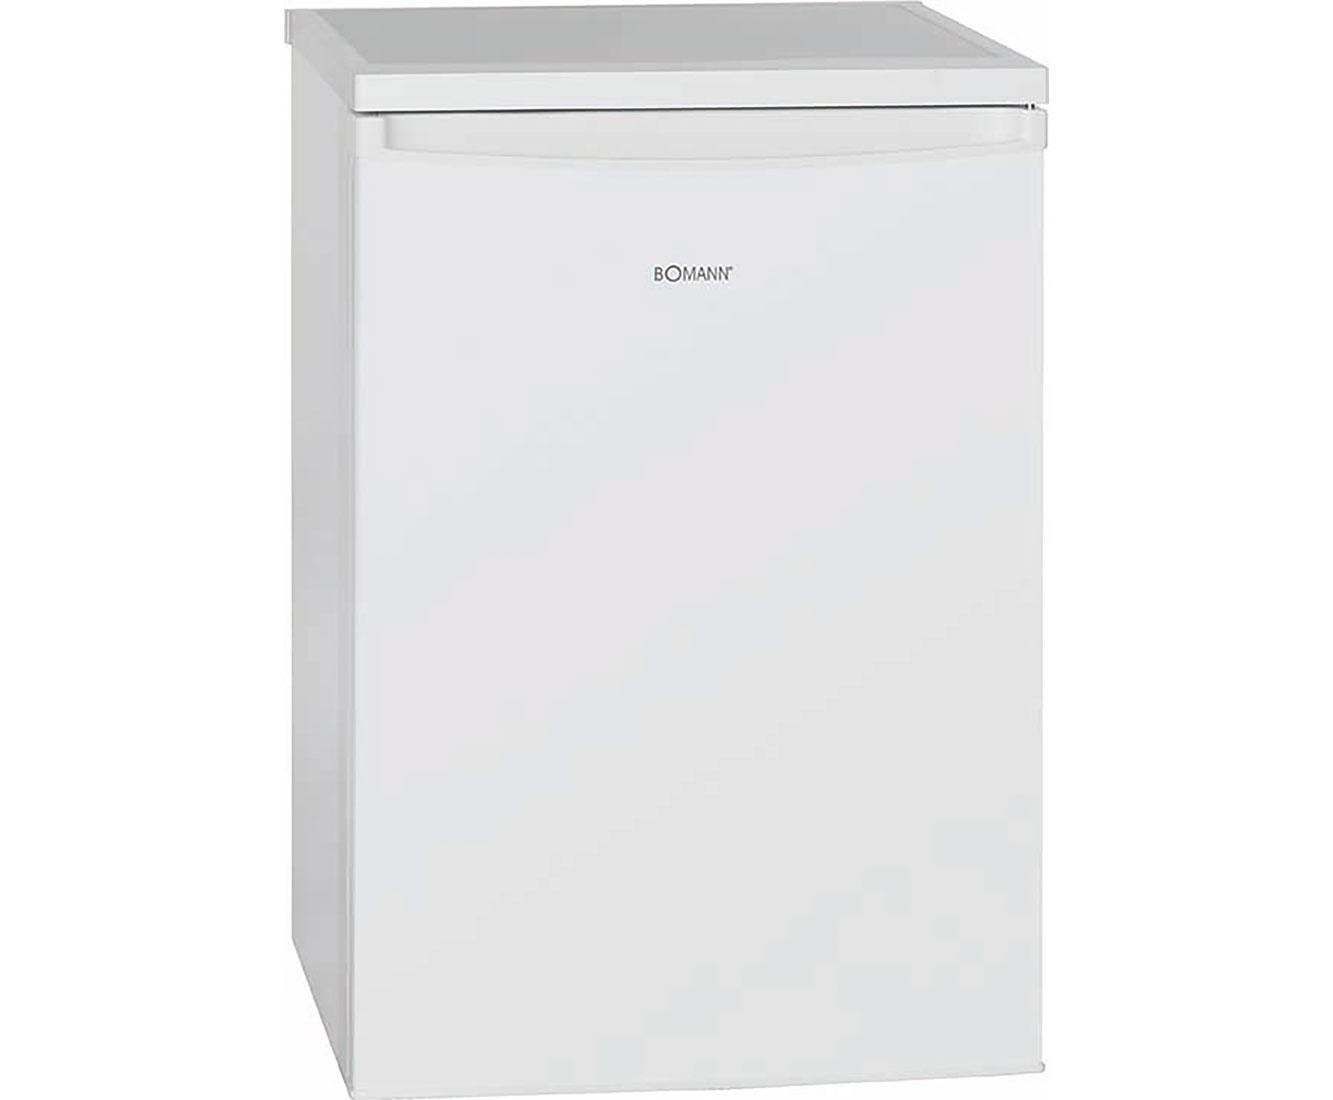 Bomann KS 2184 Kühlschränke - Weiß